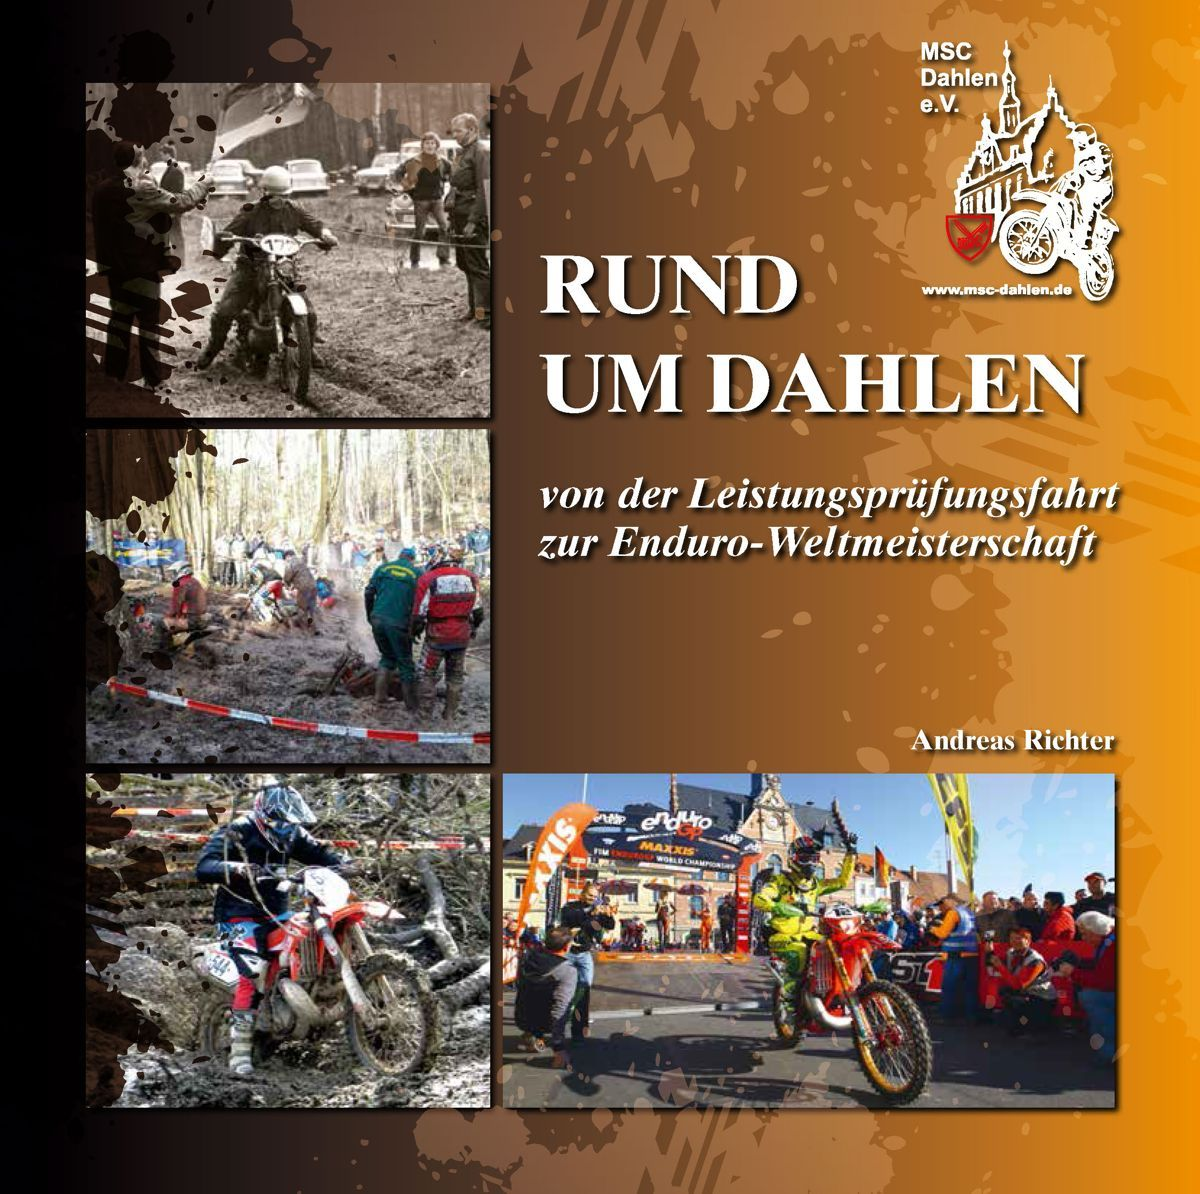 MSC Dahlen präsentiert Enduro- und Vereinschronik